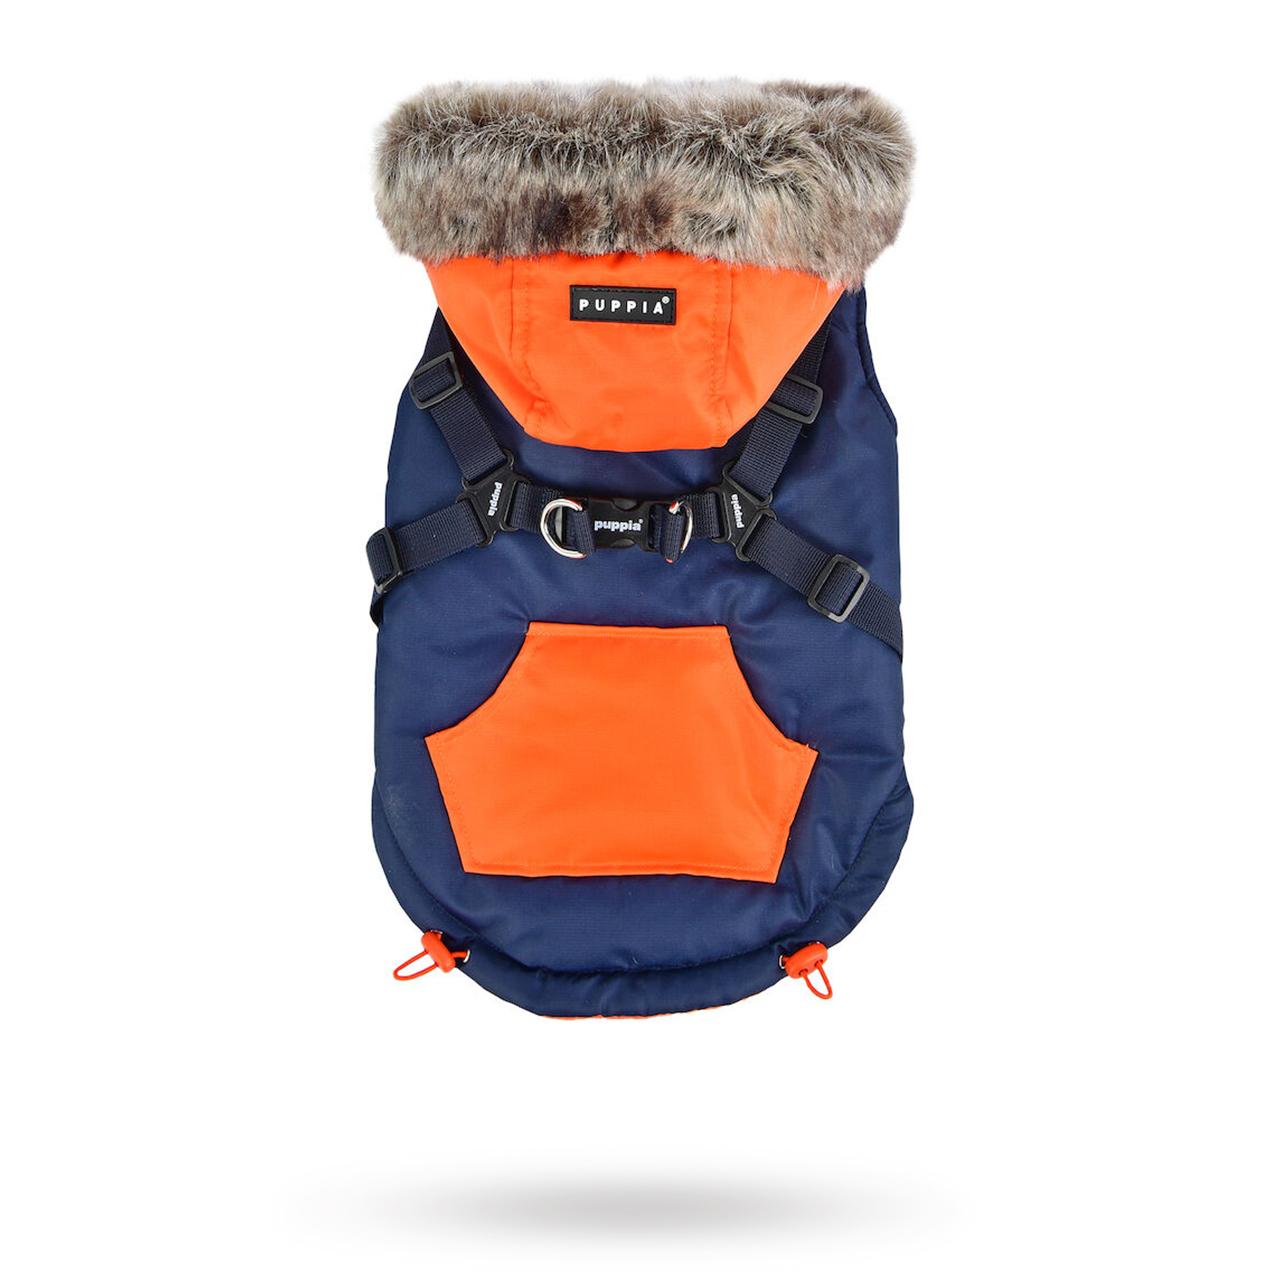 Orson Navy/Orange - Hundtäcke med Luva och Integrerad Sele